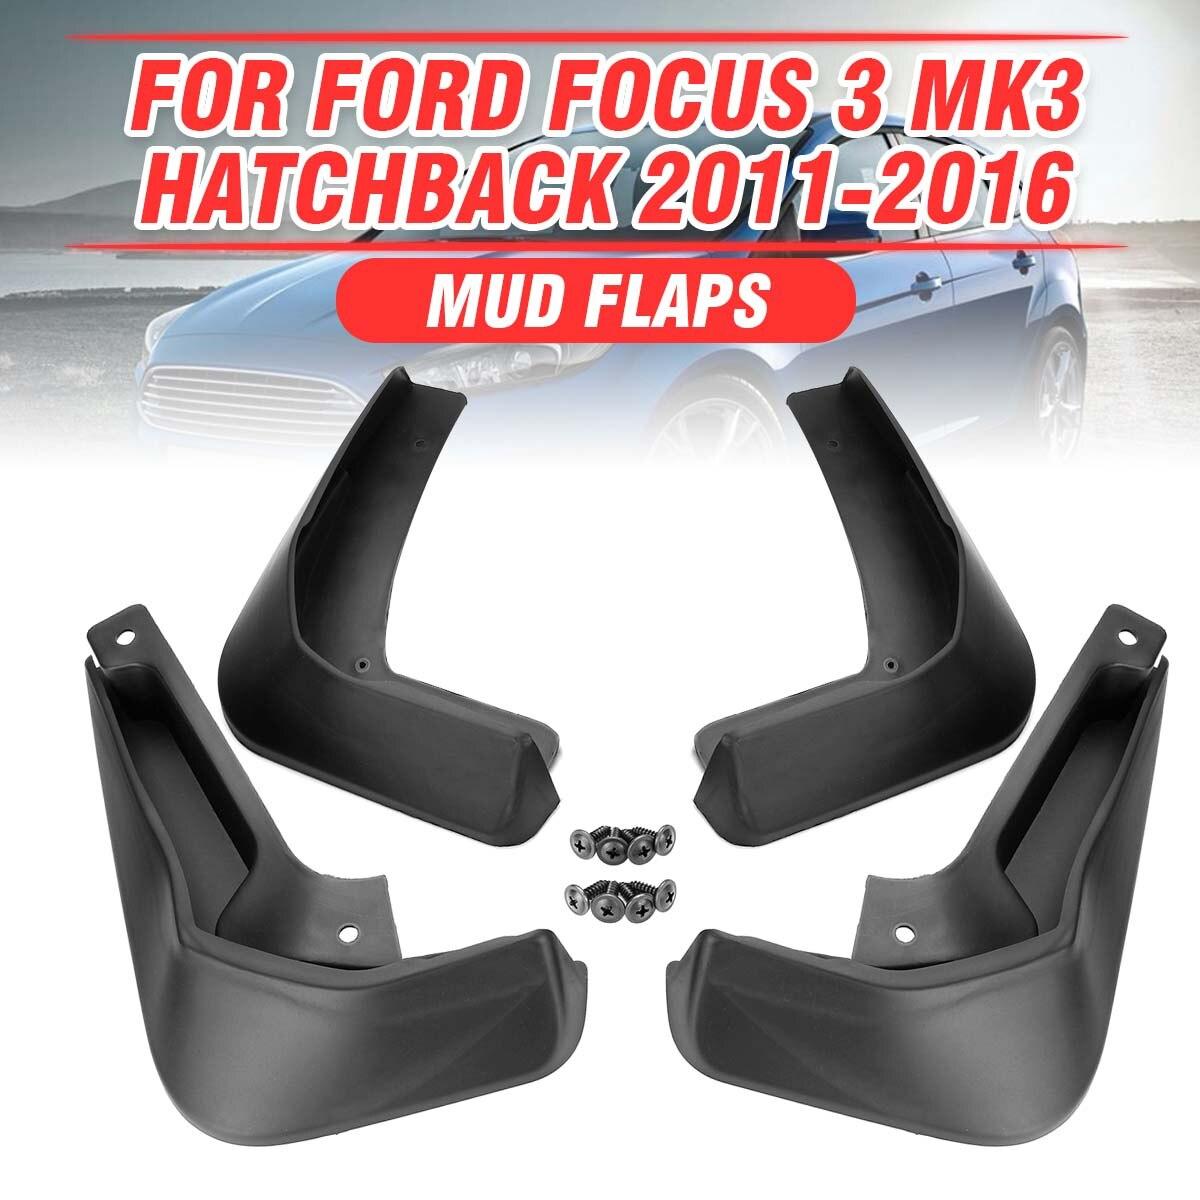 Auto Mud Flaps Parafanghi Paraspruzzi Paraspruzzi per Accessori Parafango Per Ford/di Messa A Fuoco 3 MK3 Hatchback 2011-2018